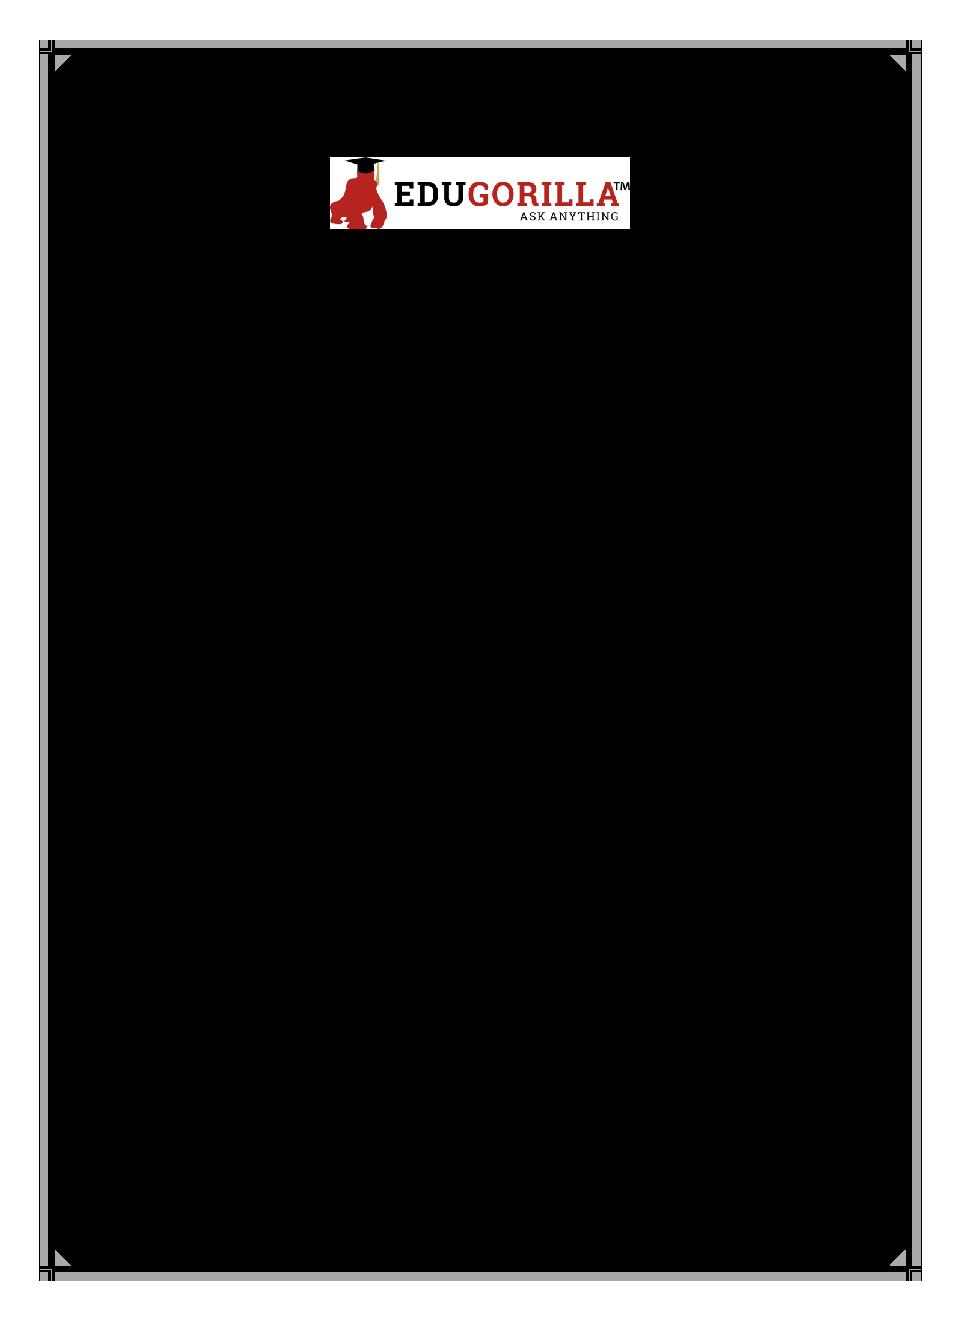 Edugorilla आरएसएमएसएसबी राजस्थान पटवारी 2020   15 मॉक परीक्षाये सम्पूर्ण तैयारी के लिए - Page 3